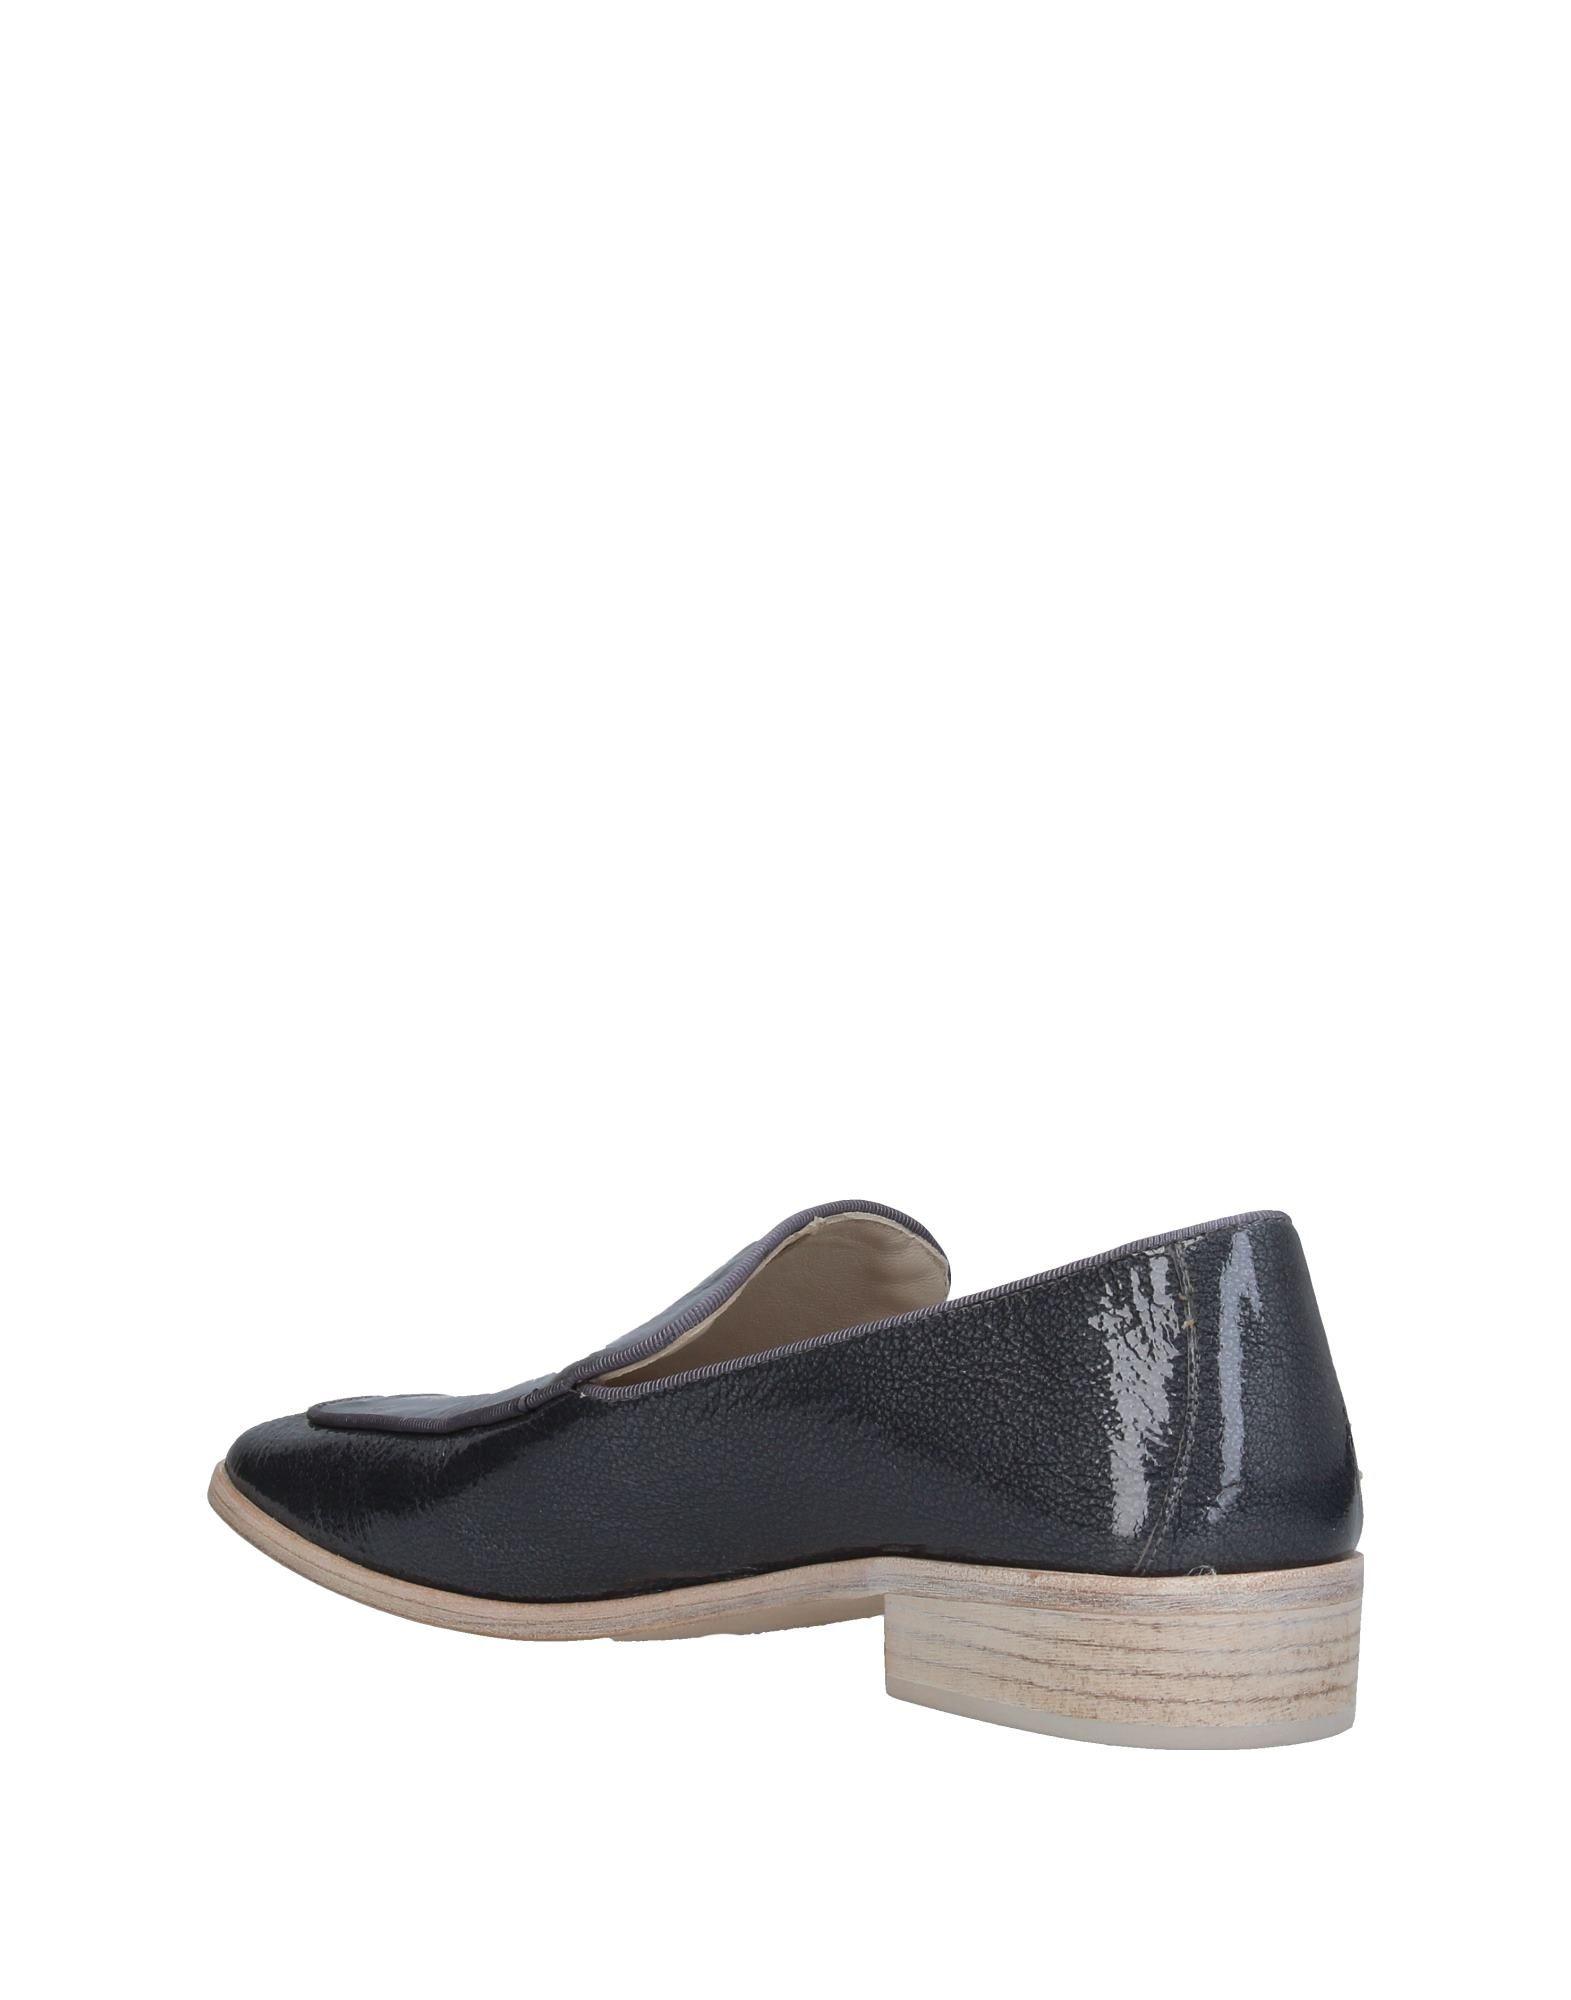 Ras Mokassins Damen    11408609IT Heiße Schuhe d2d78f